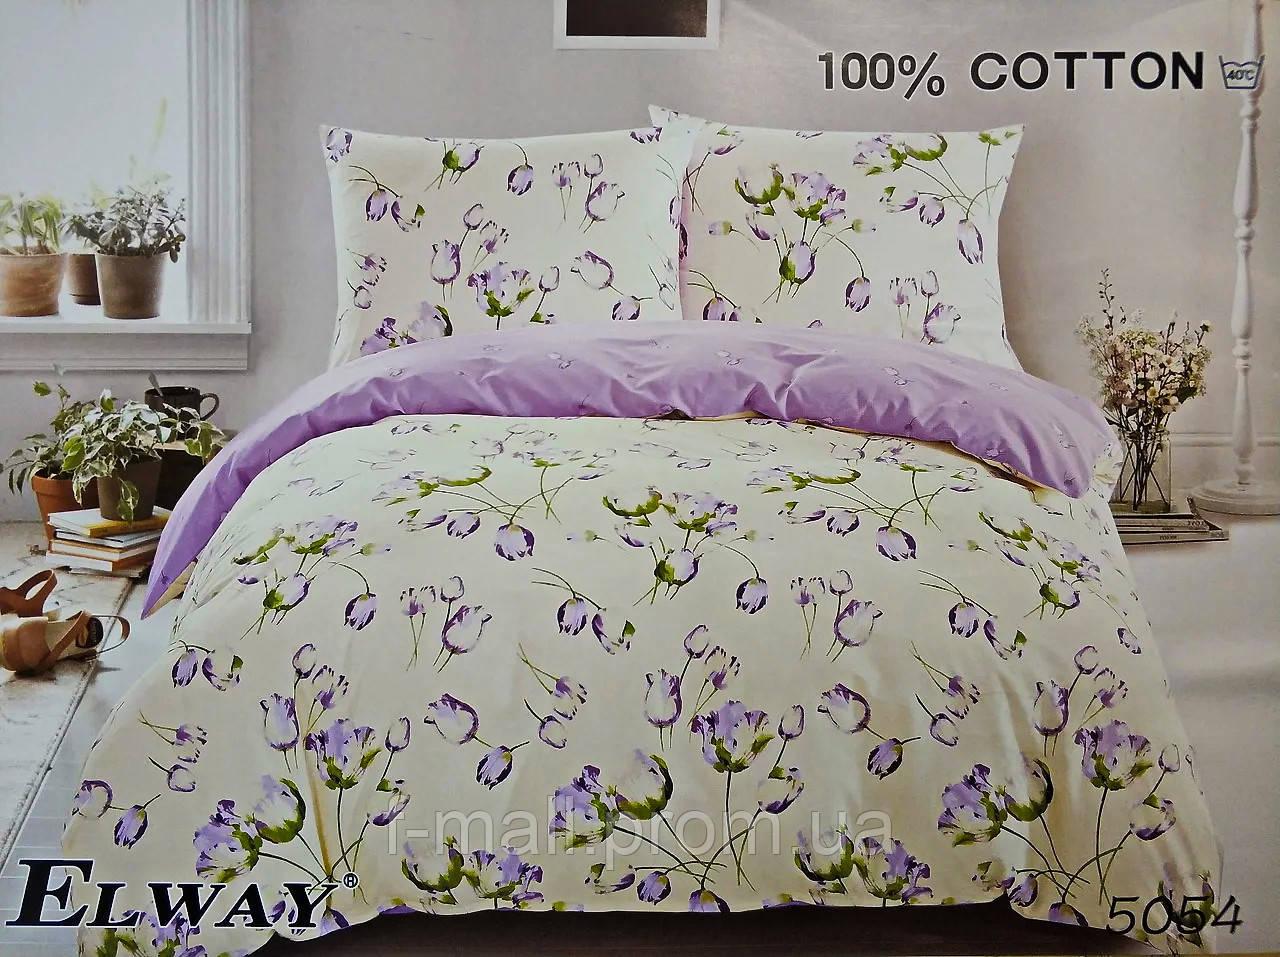 Комплект постельного белья ELWAY (Польша) Сатин семейный (5054)